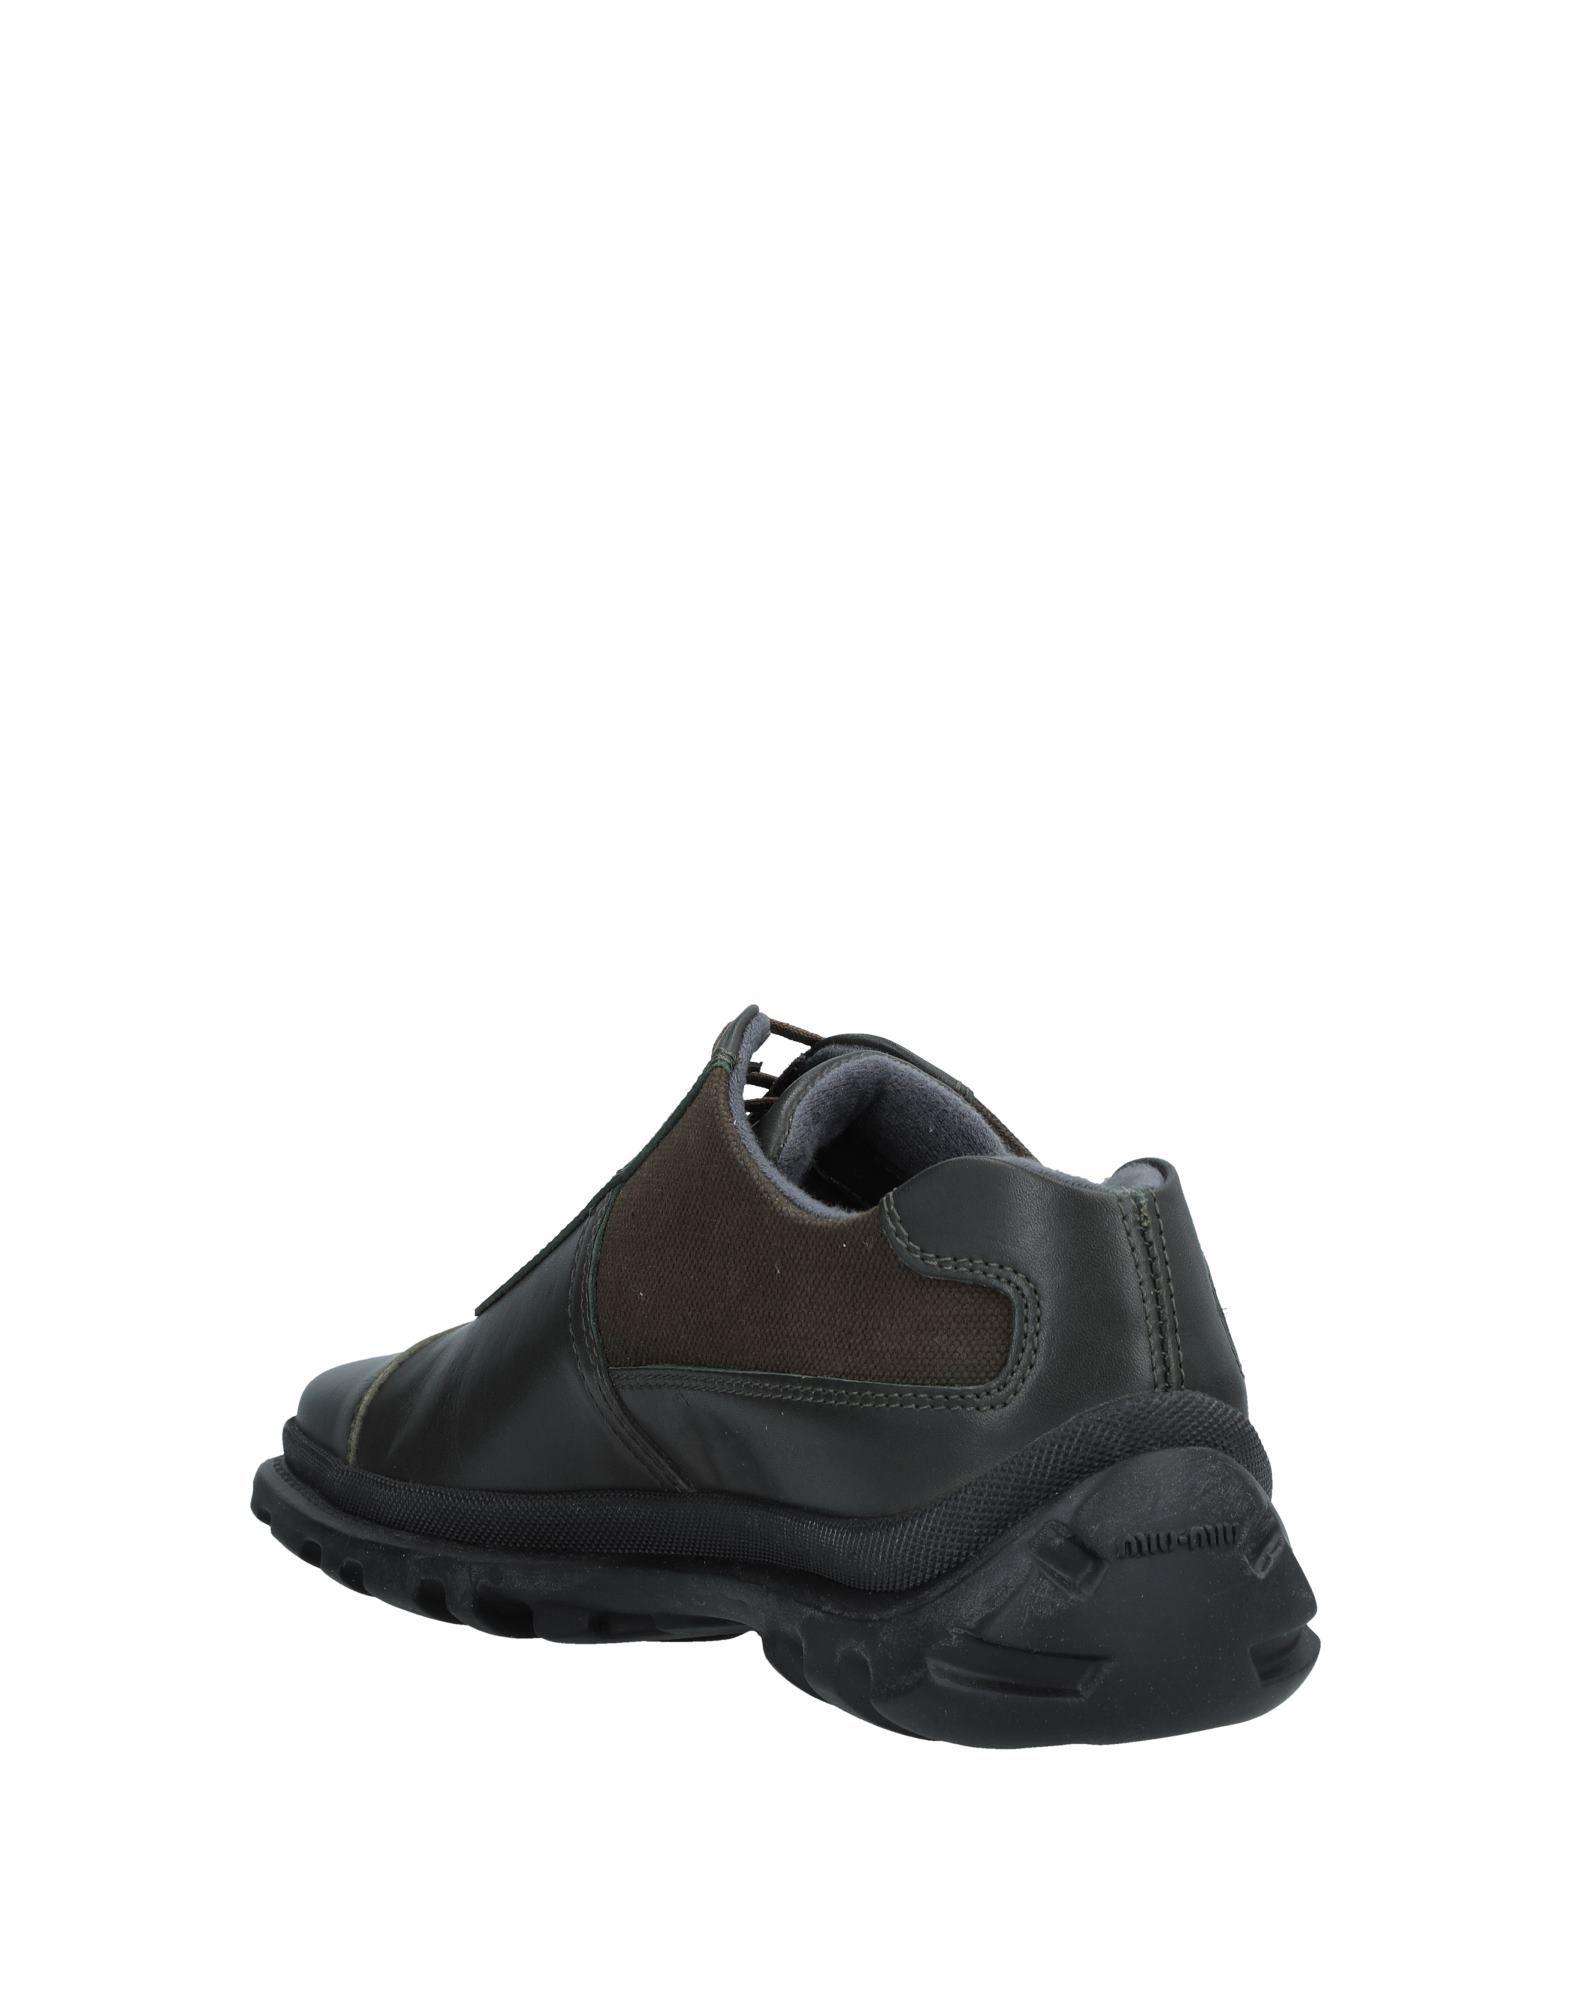 Miu Miu Herren Sneakers Herren Miu  11537085BC  fea3d8